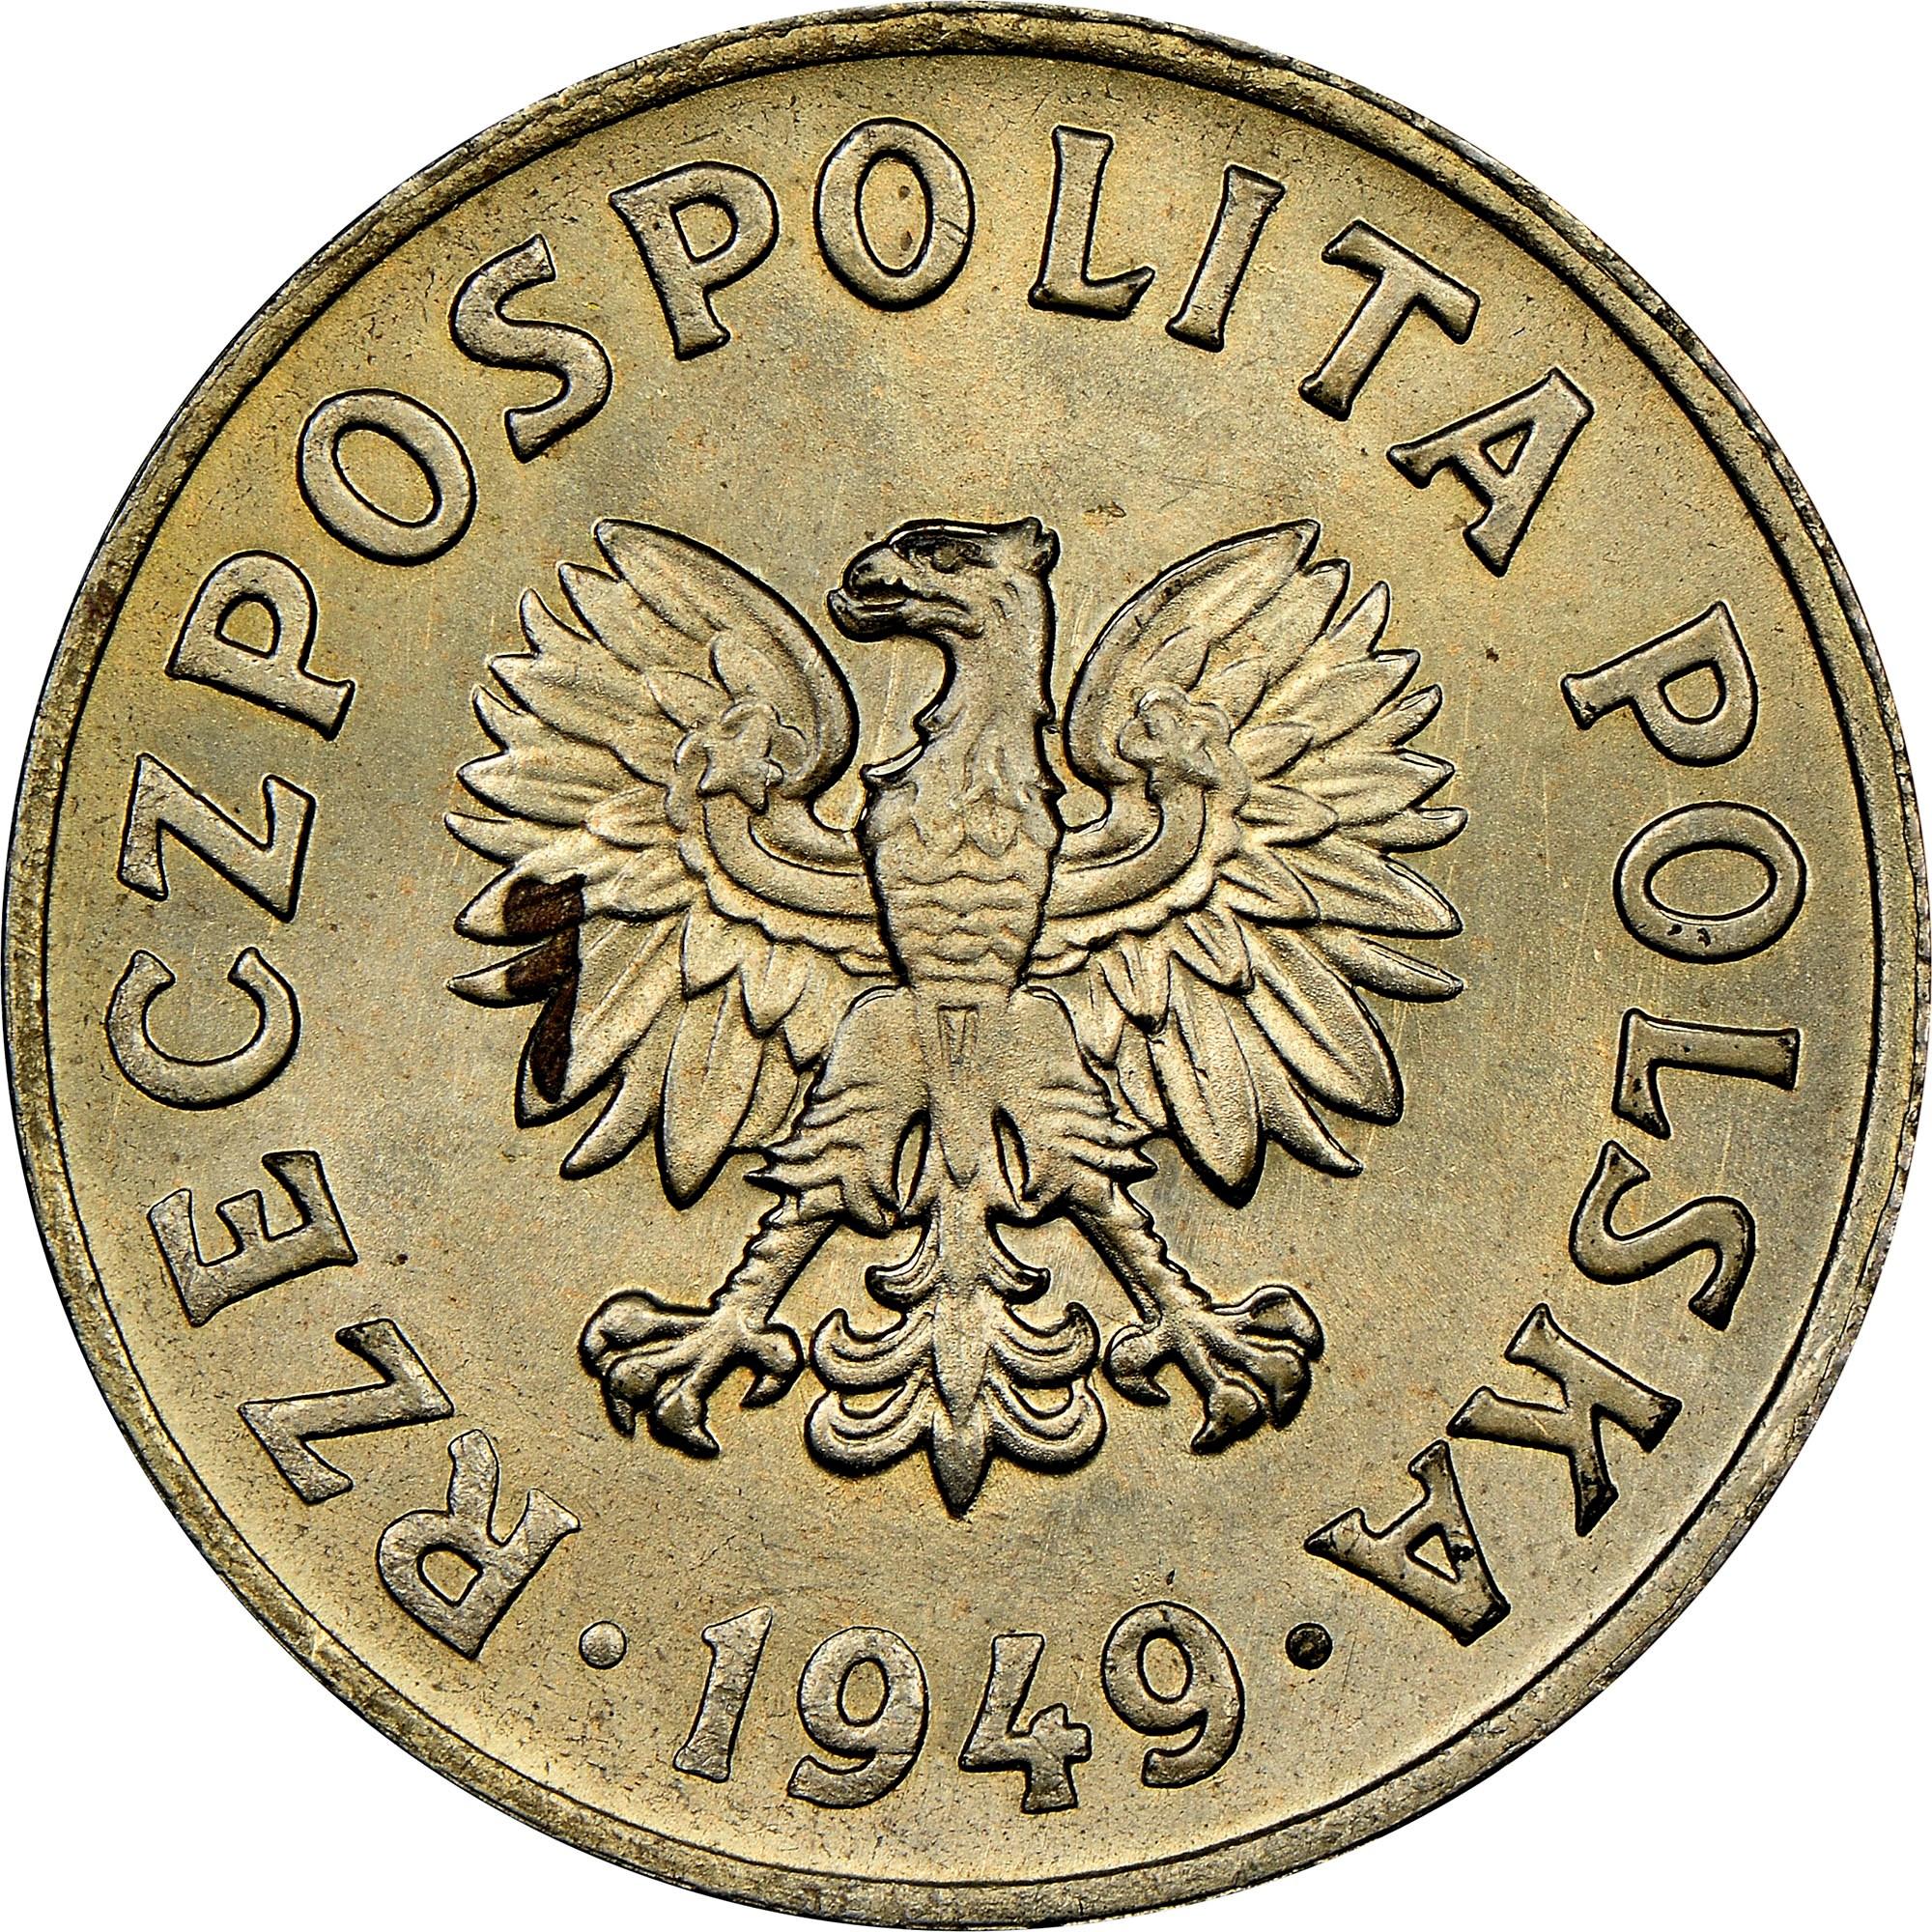 Poland 50 Groszy obverse